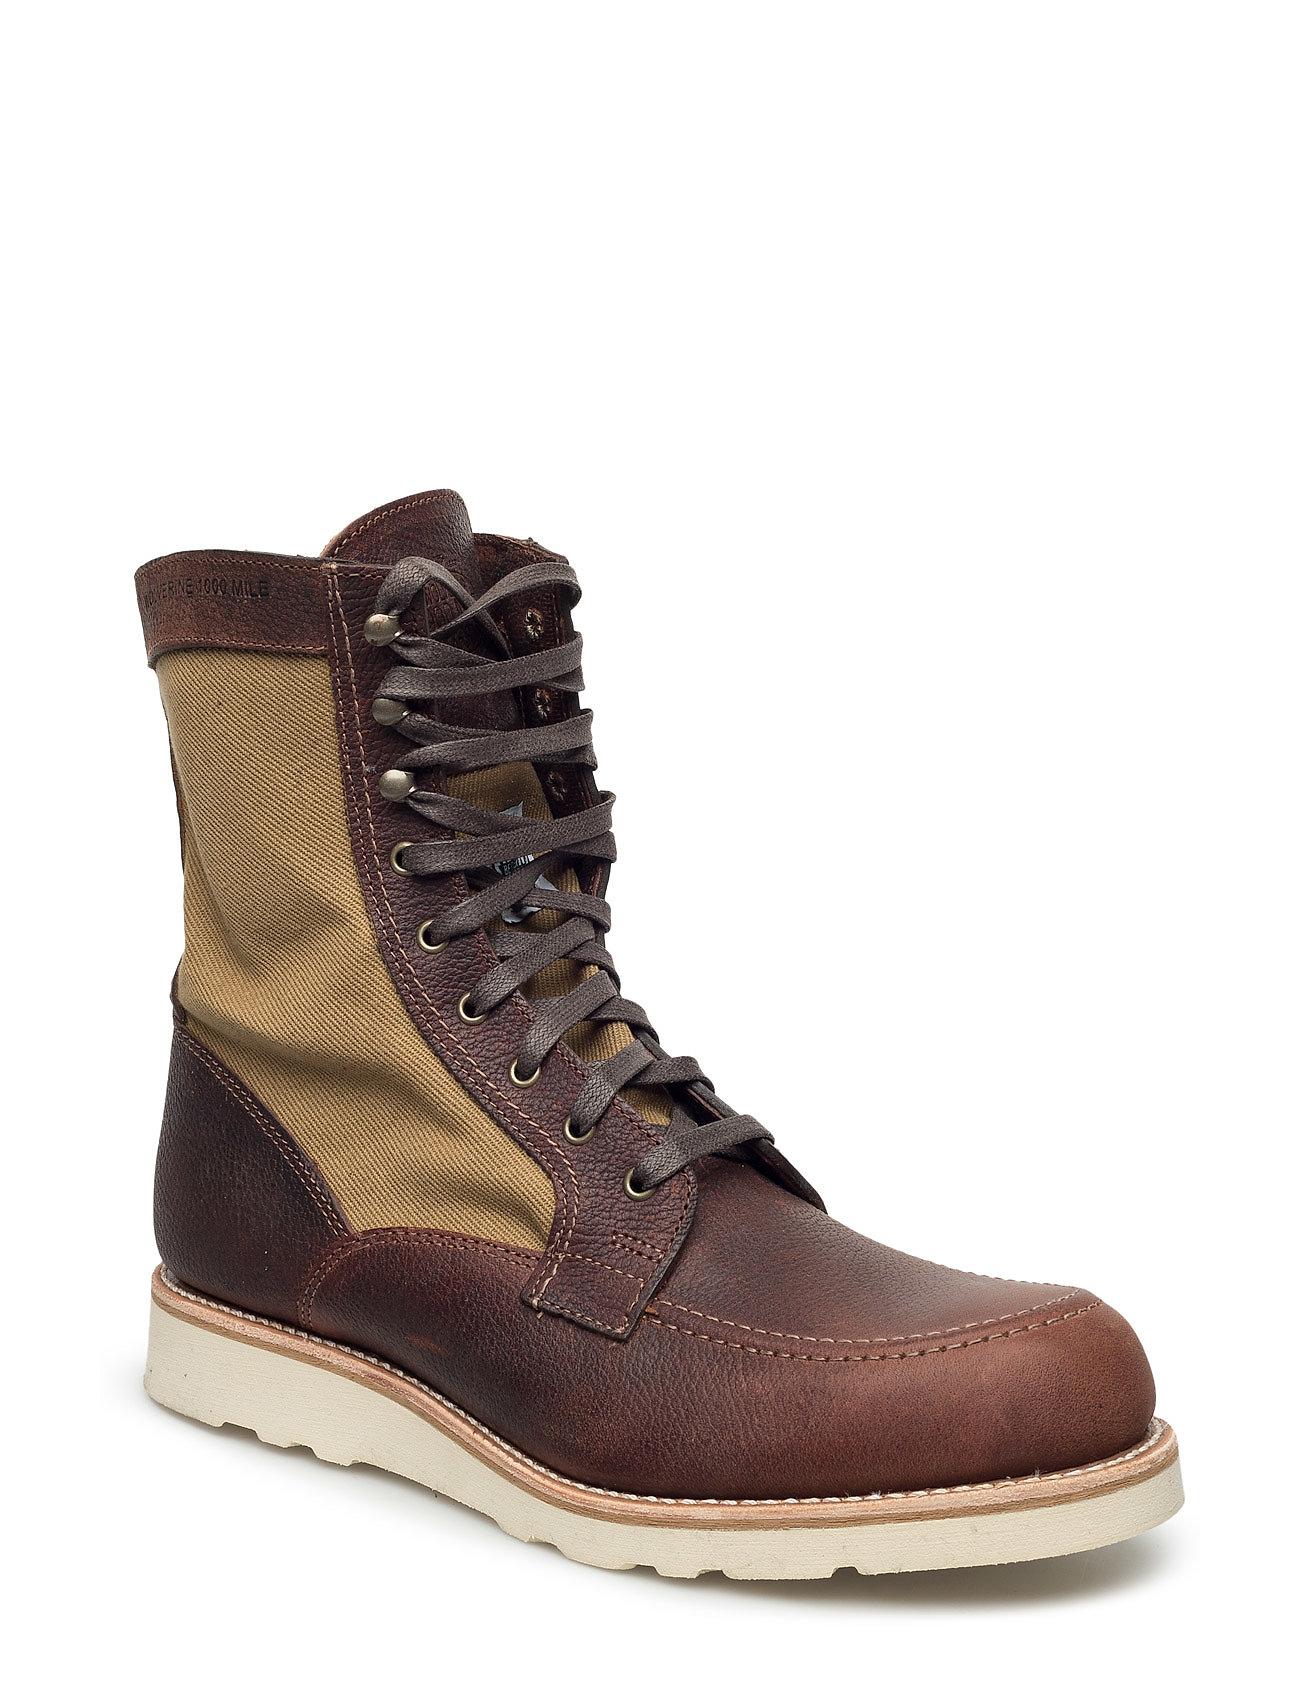 Rowan Brown Wolverine Støvler til Mænd i Brun